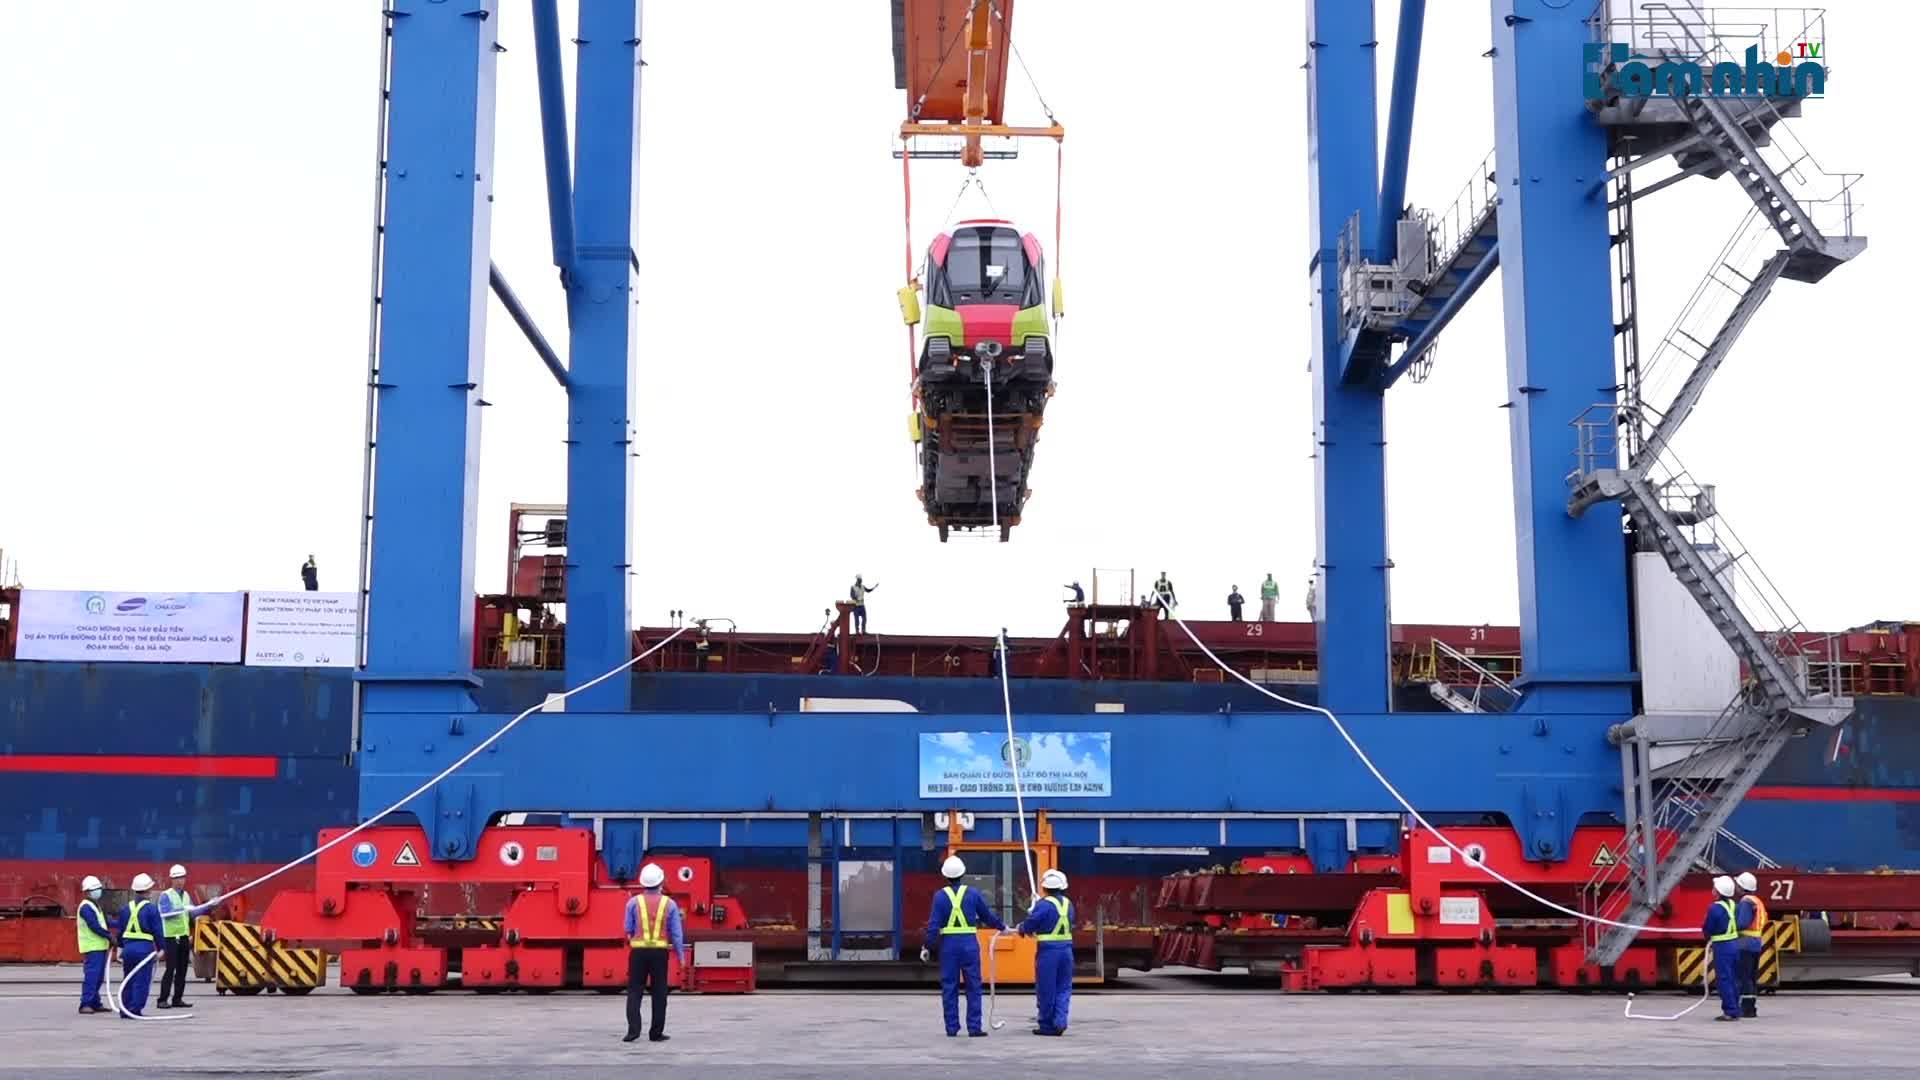 Cận cảnh tàu metro đầu tiên của Hà Nội chuẩn bị đưa vào lắp ráp chạy thử